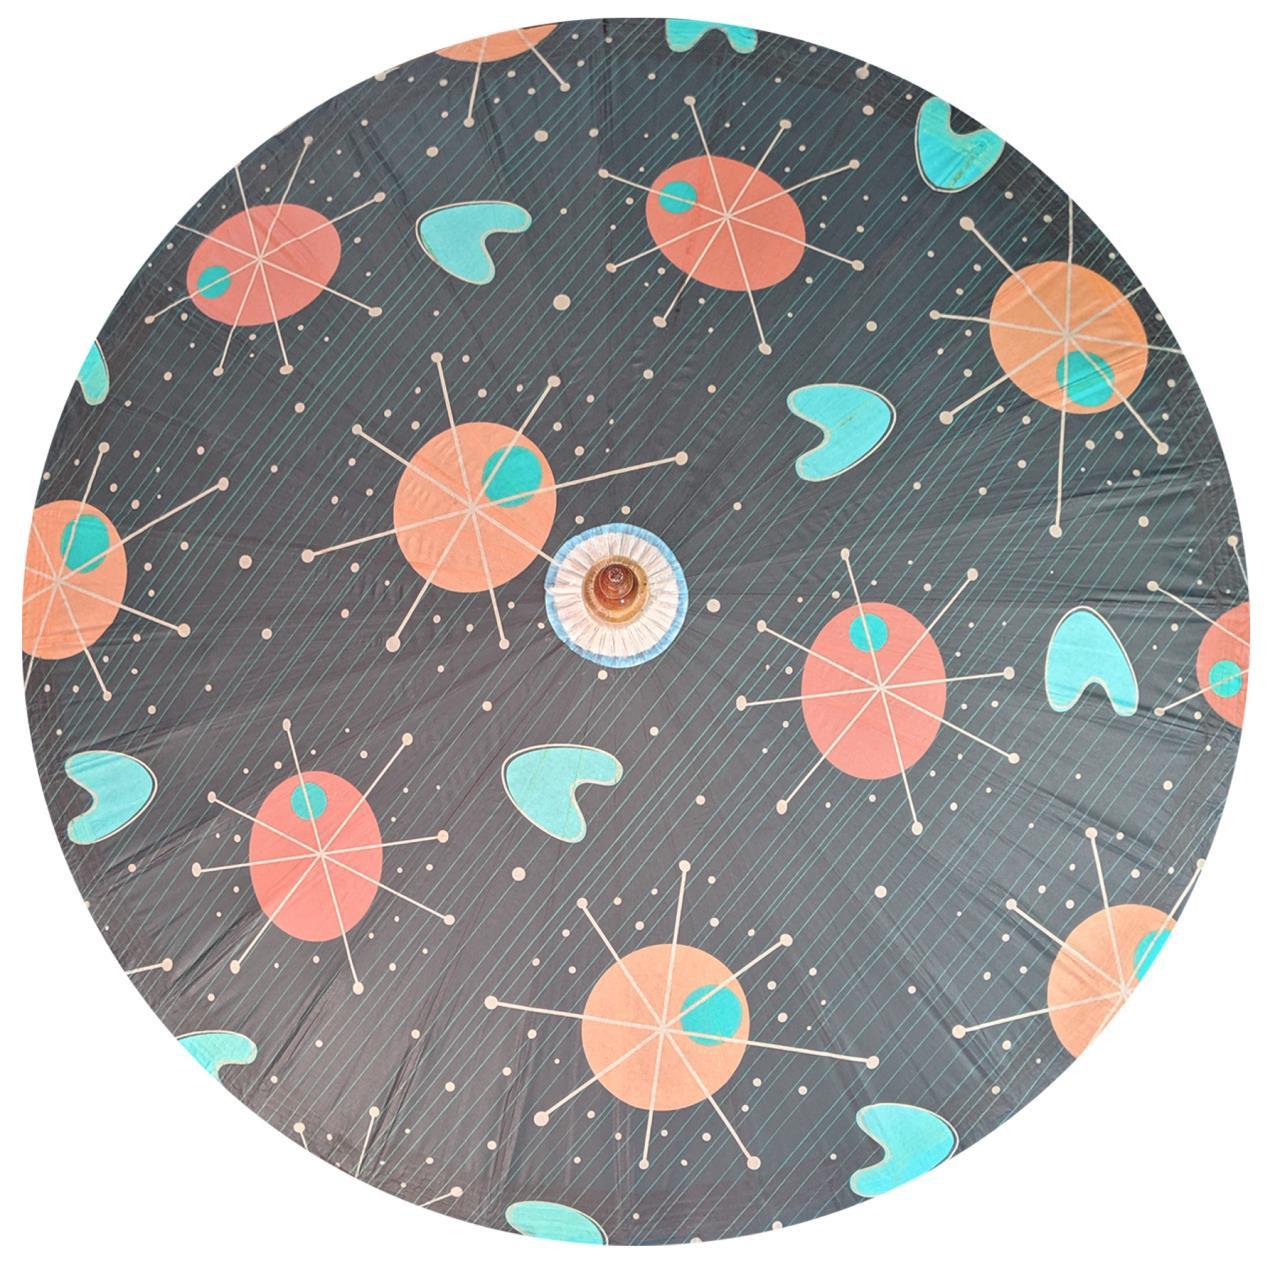 Spacecapades Parasol - 0659682815305